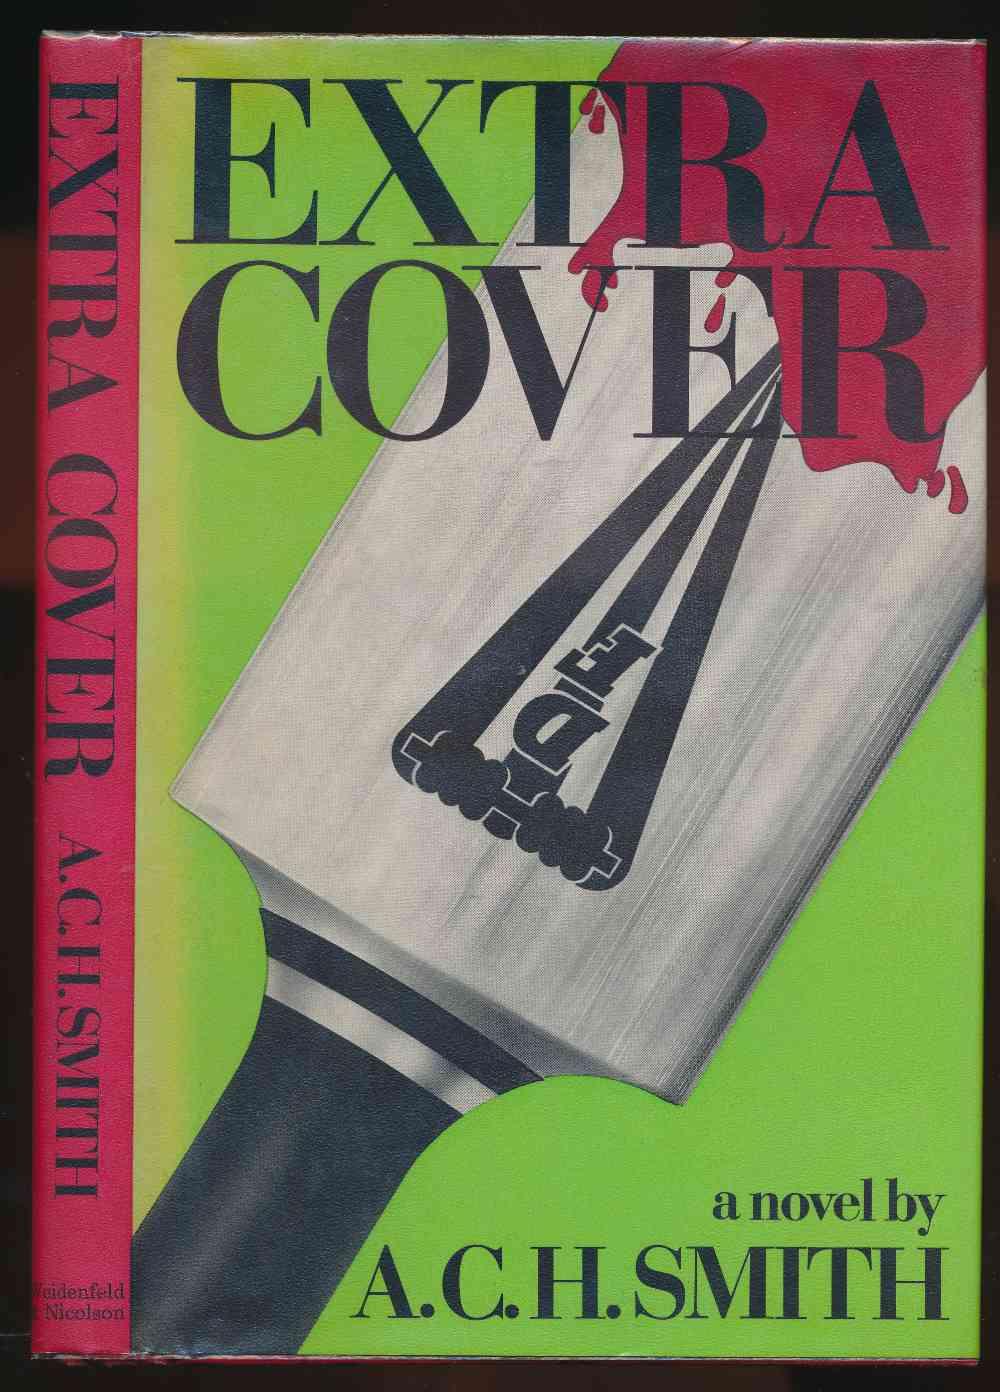 Extra cover: a novel